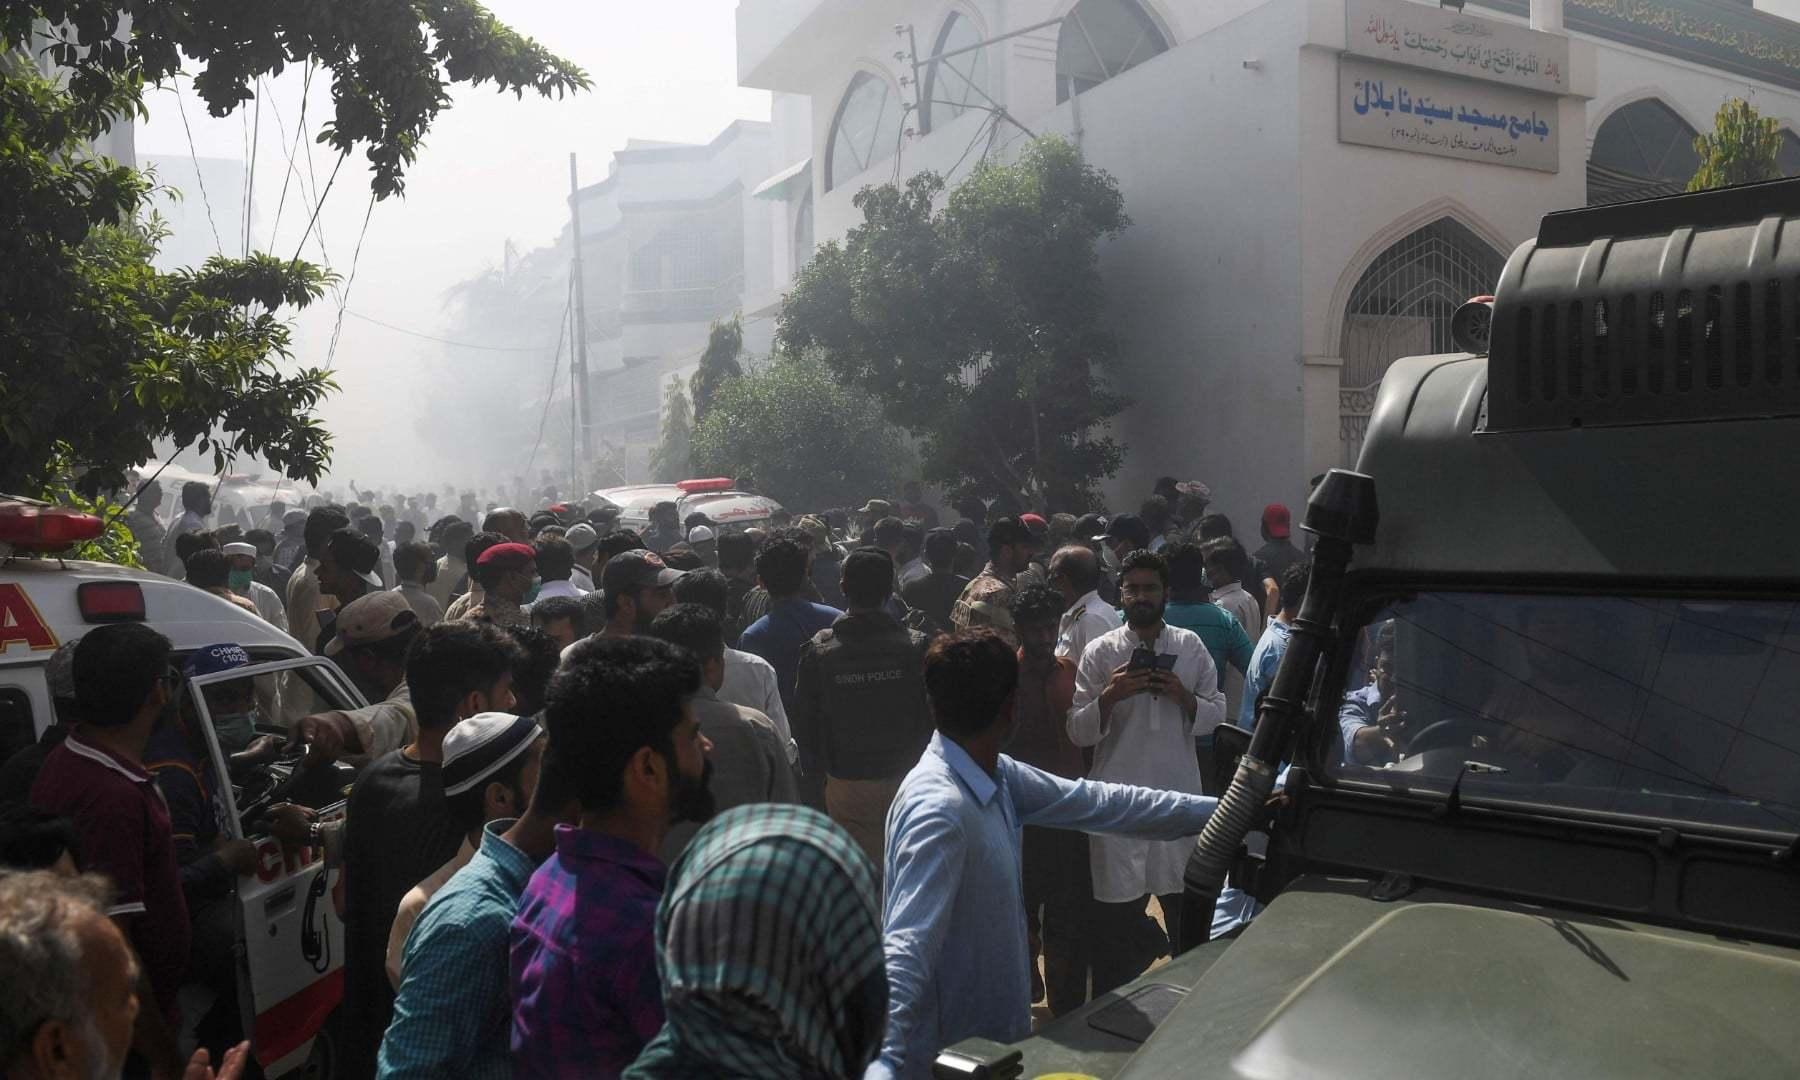 جائے وقوع پر امدادی کارکنوں کے علاوہ شہریوں کی بڑی تعداد بھی جمع ہوگئی—فوٹو:اے ایف پی